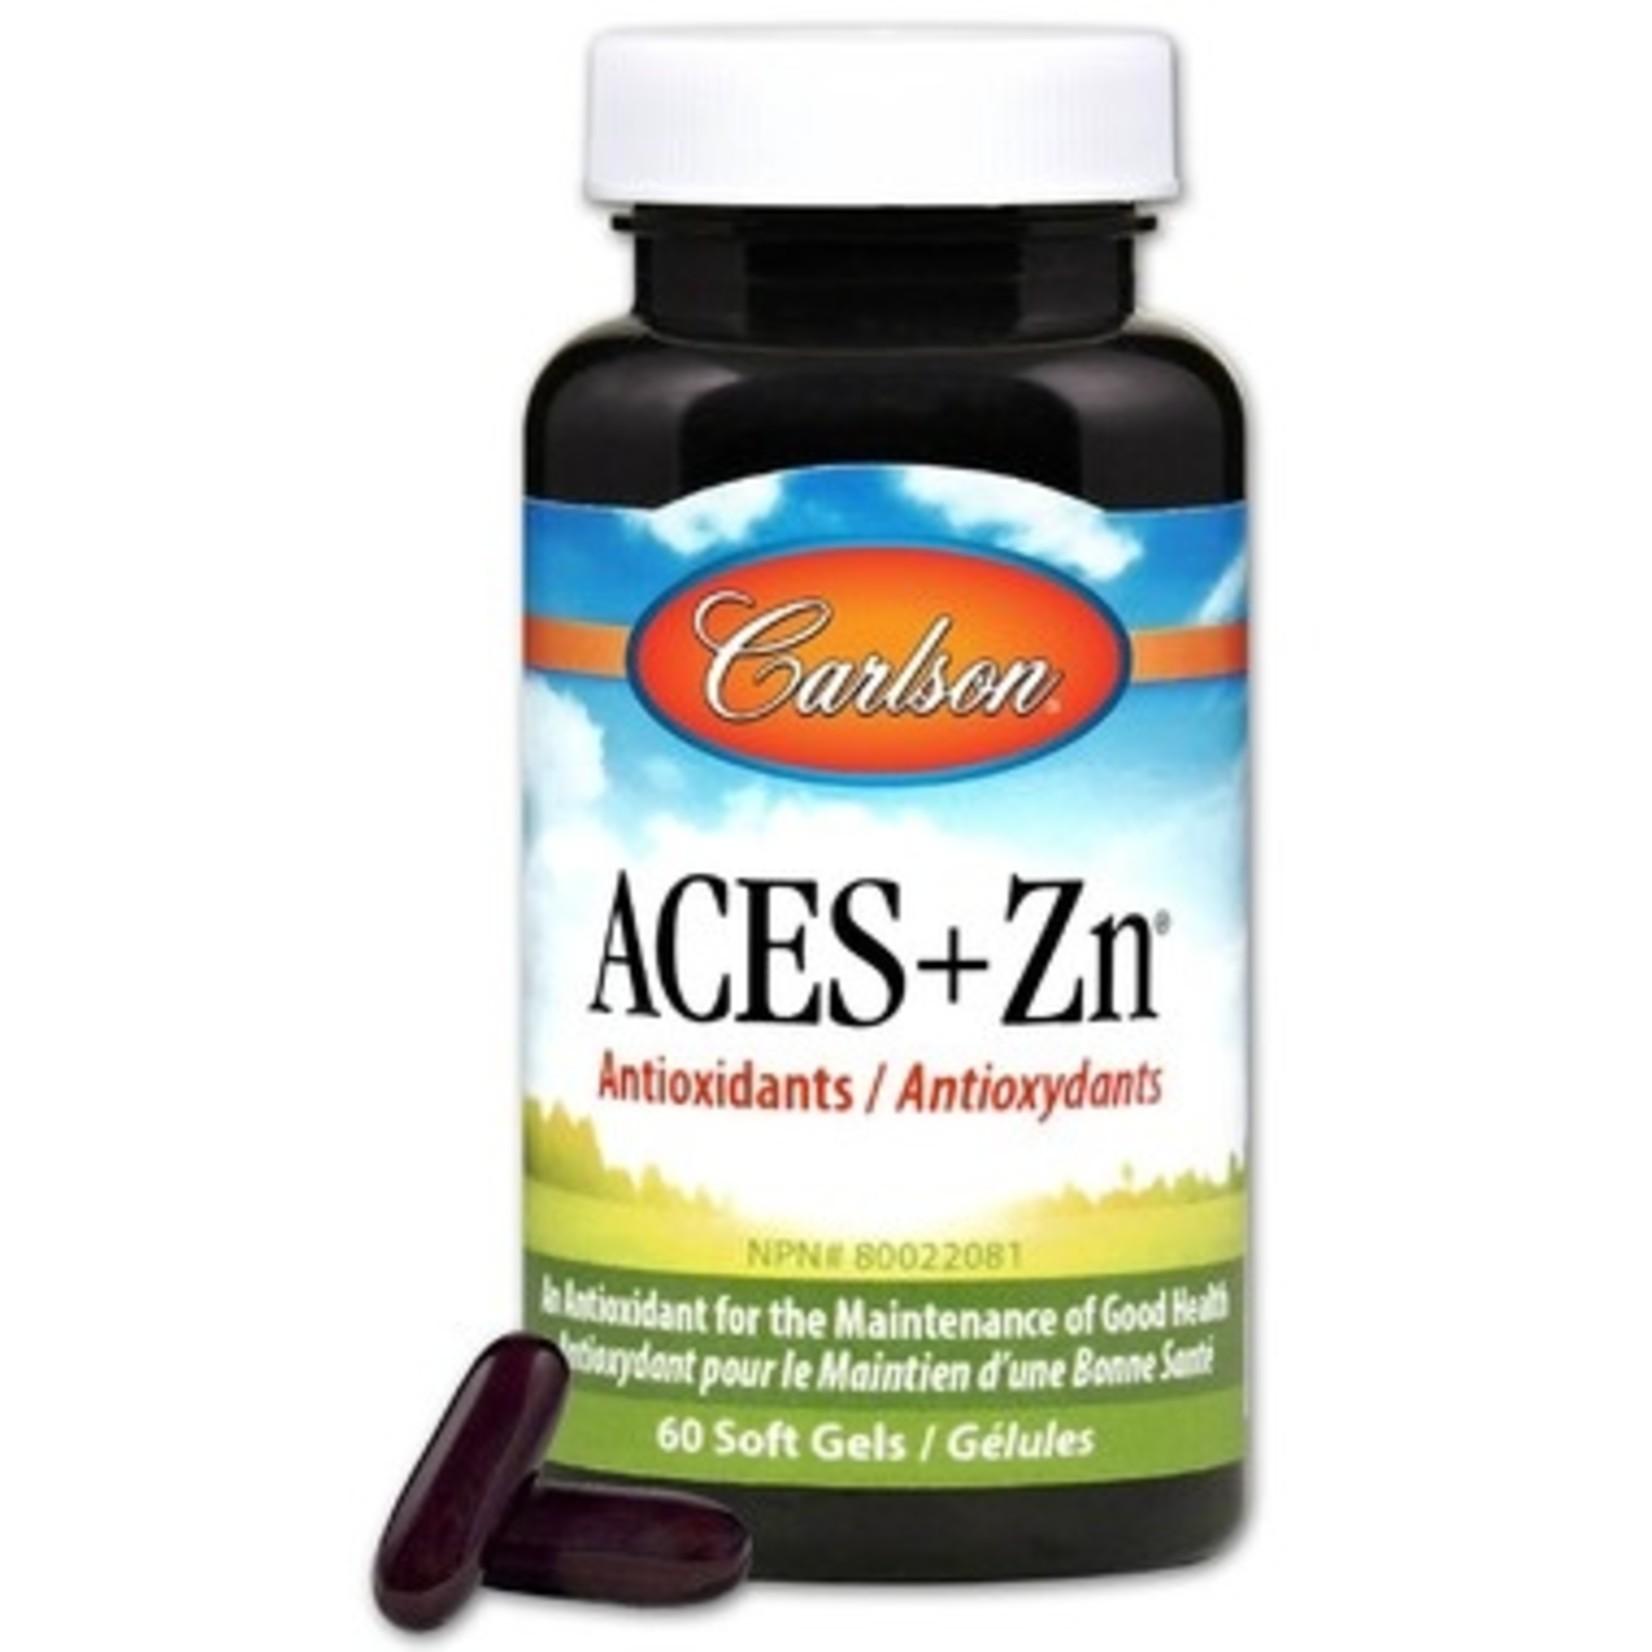 Carlson Carlson ACES+ Zinc 60 softgels